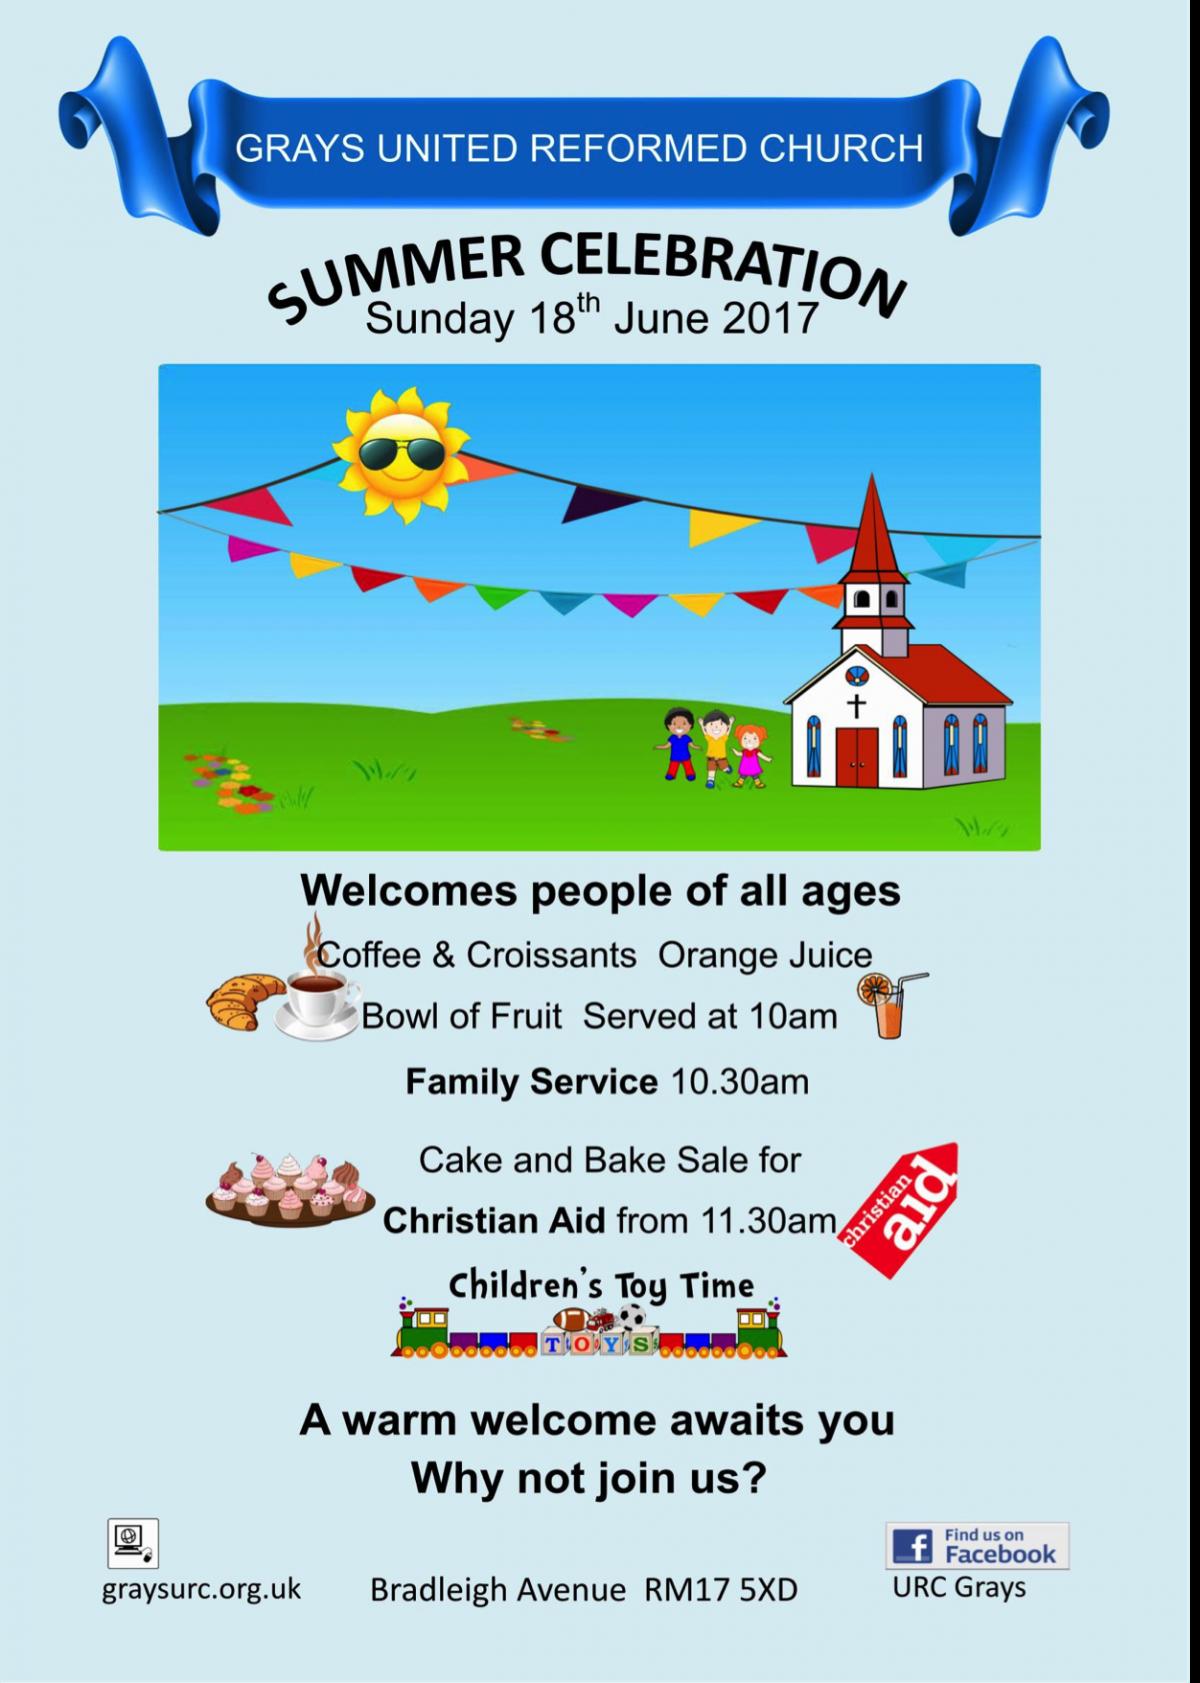 Grays summer 2017 celebration poster